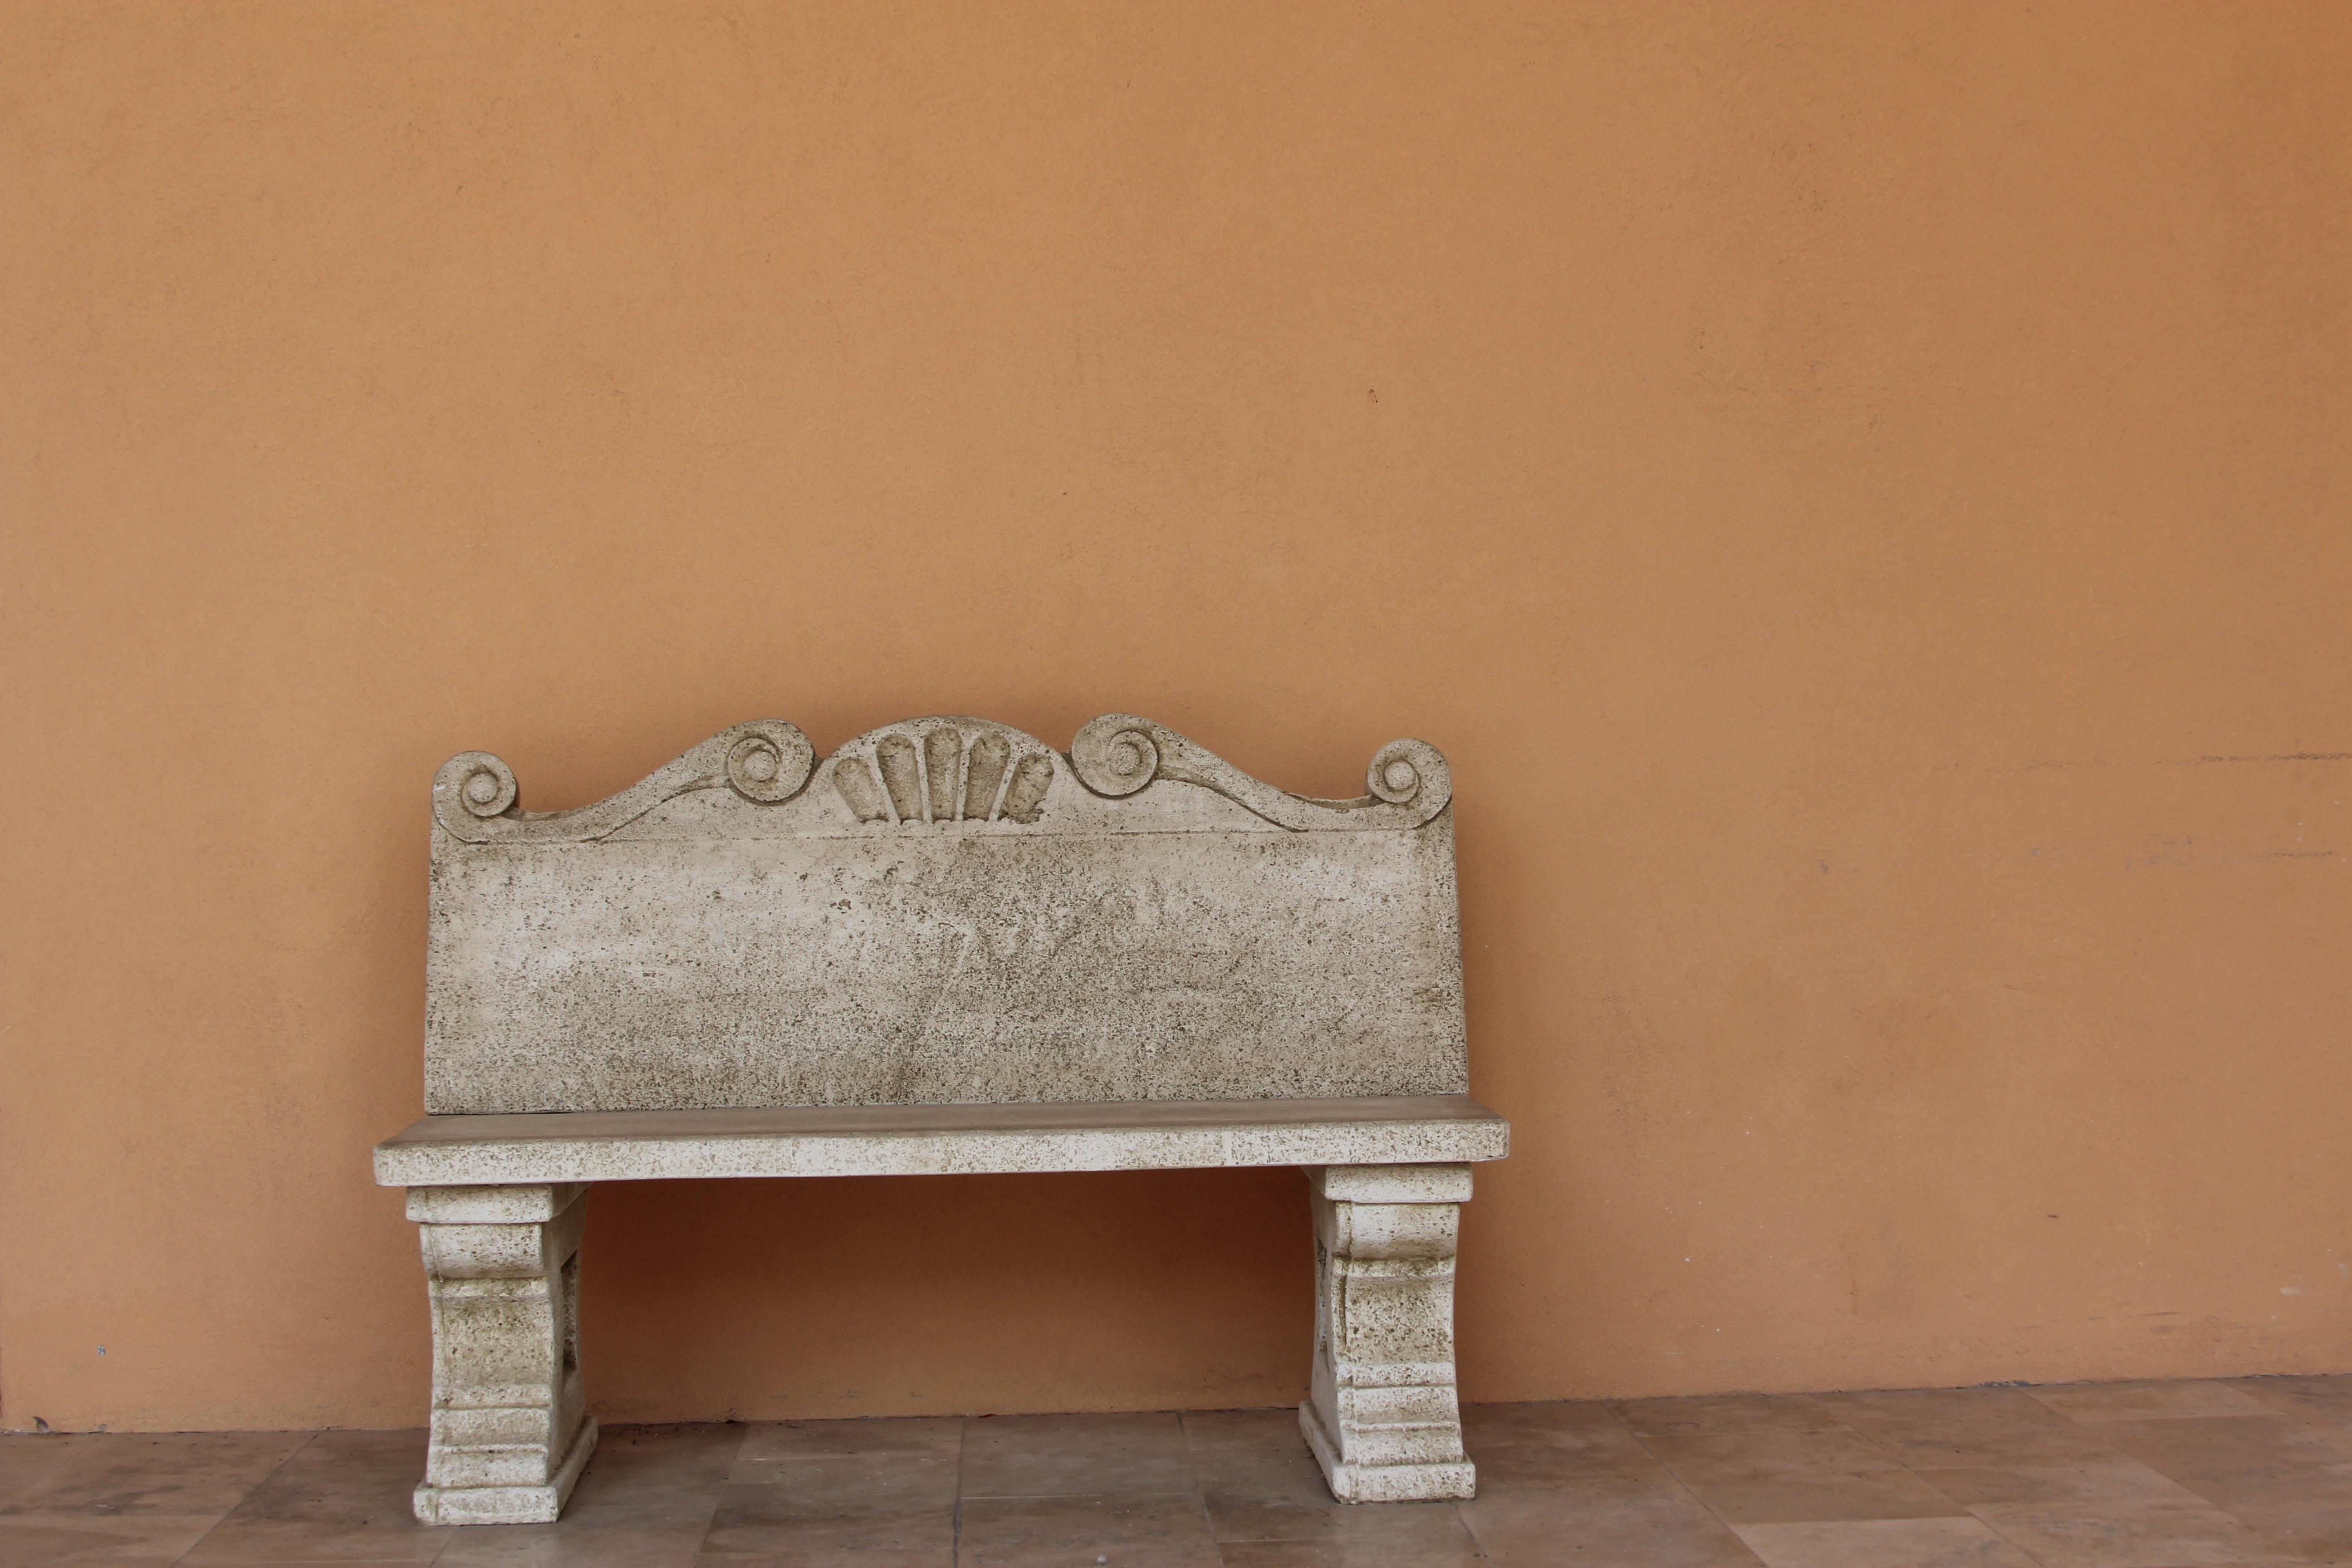 Fotos gratis : madera, banco, silla, piso, museo, marrón, mueble ...